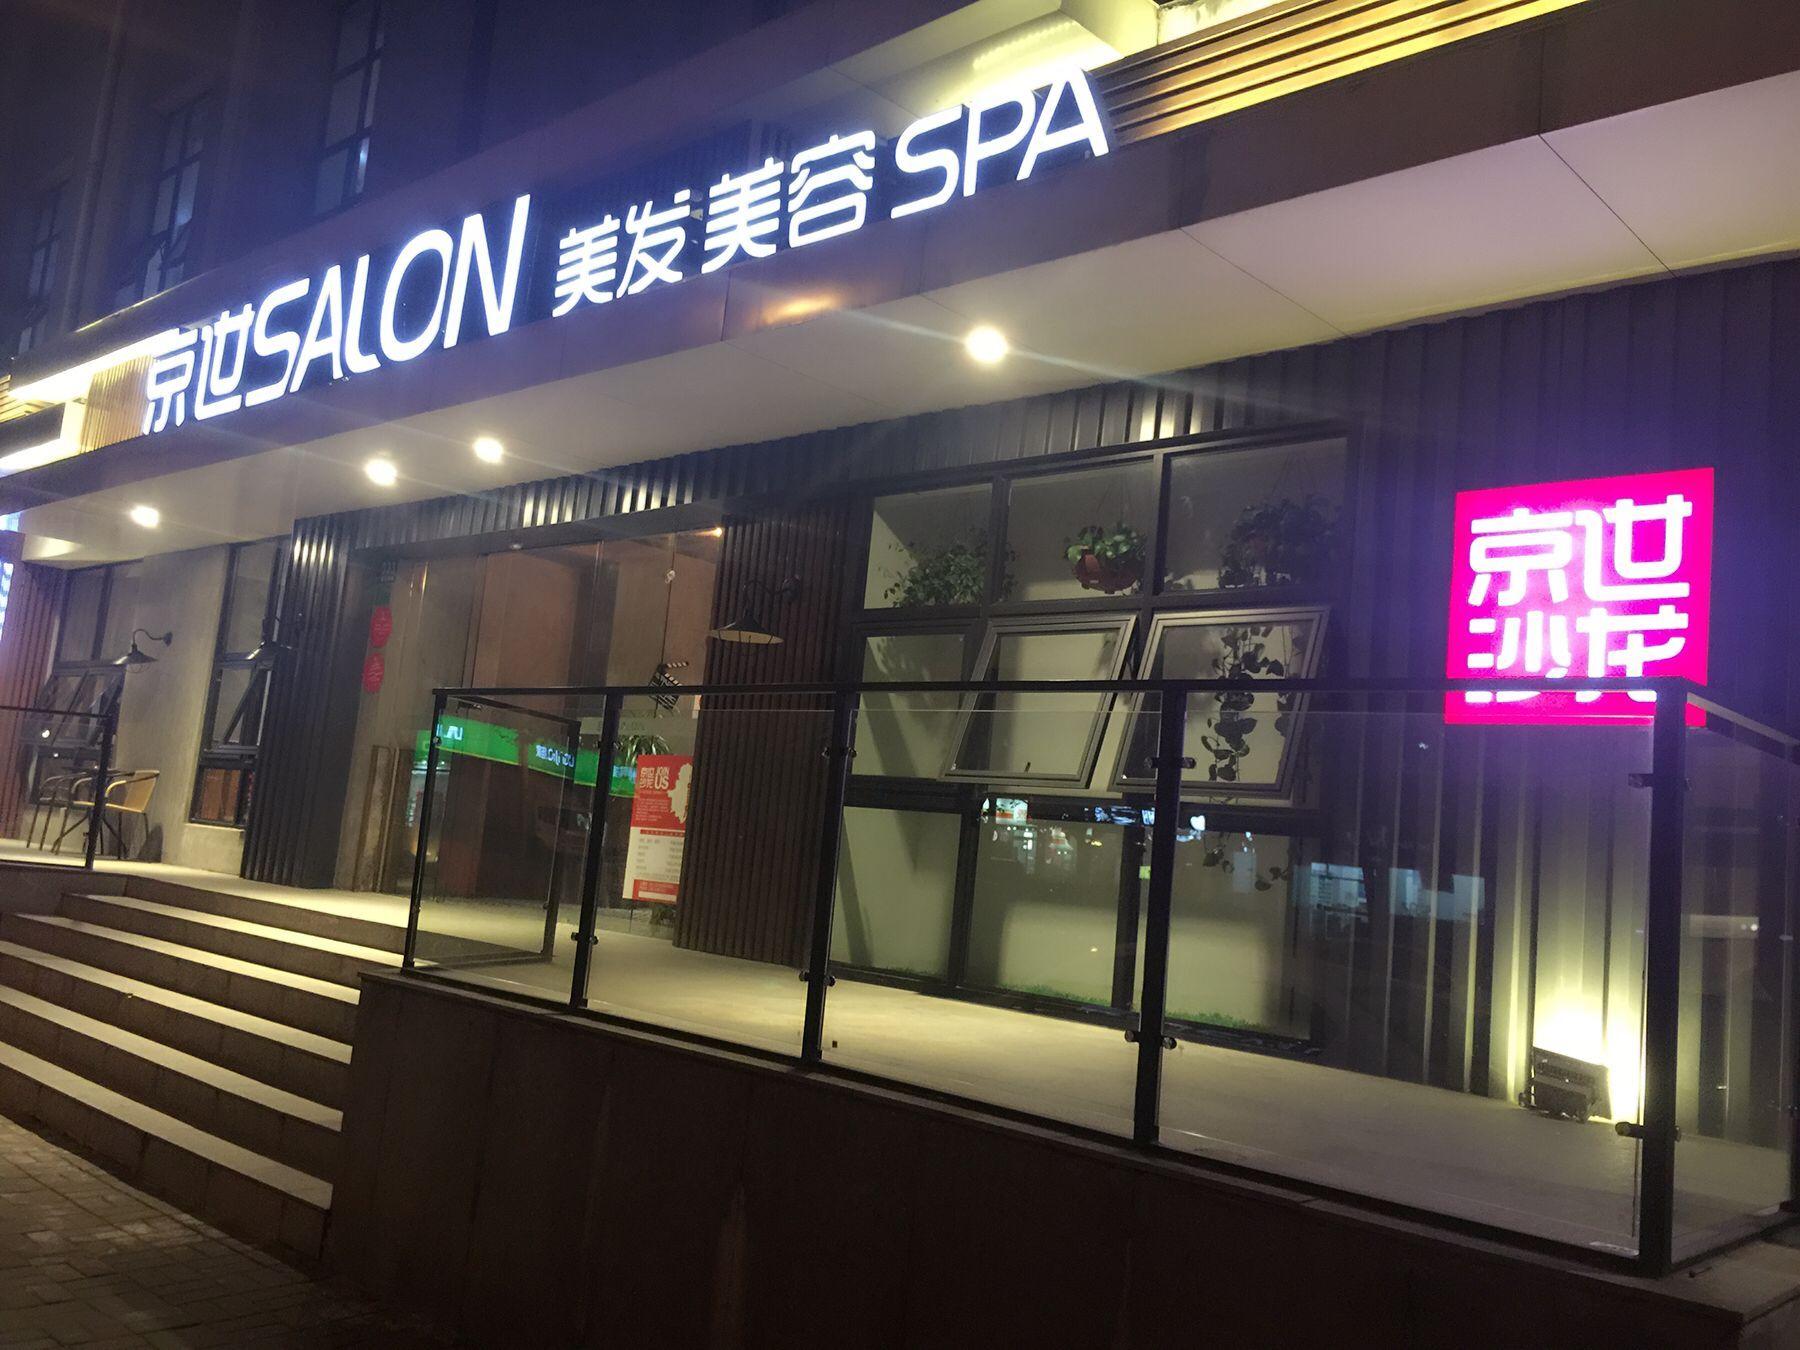 京世沙龙(汉阳店)